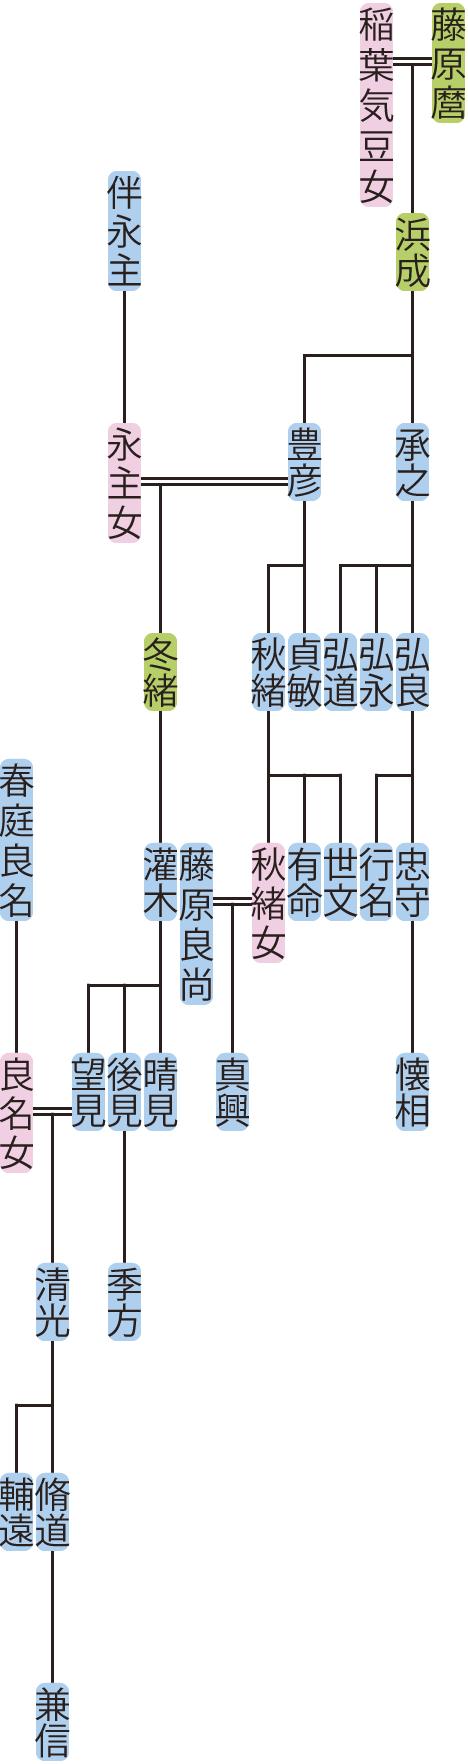 藤原承之・豊彦の系図